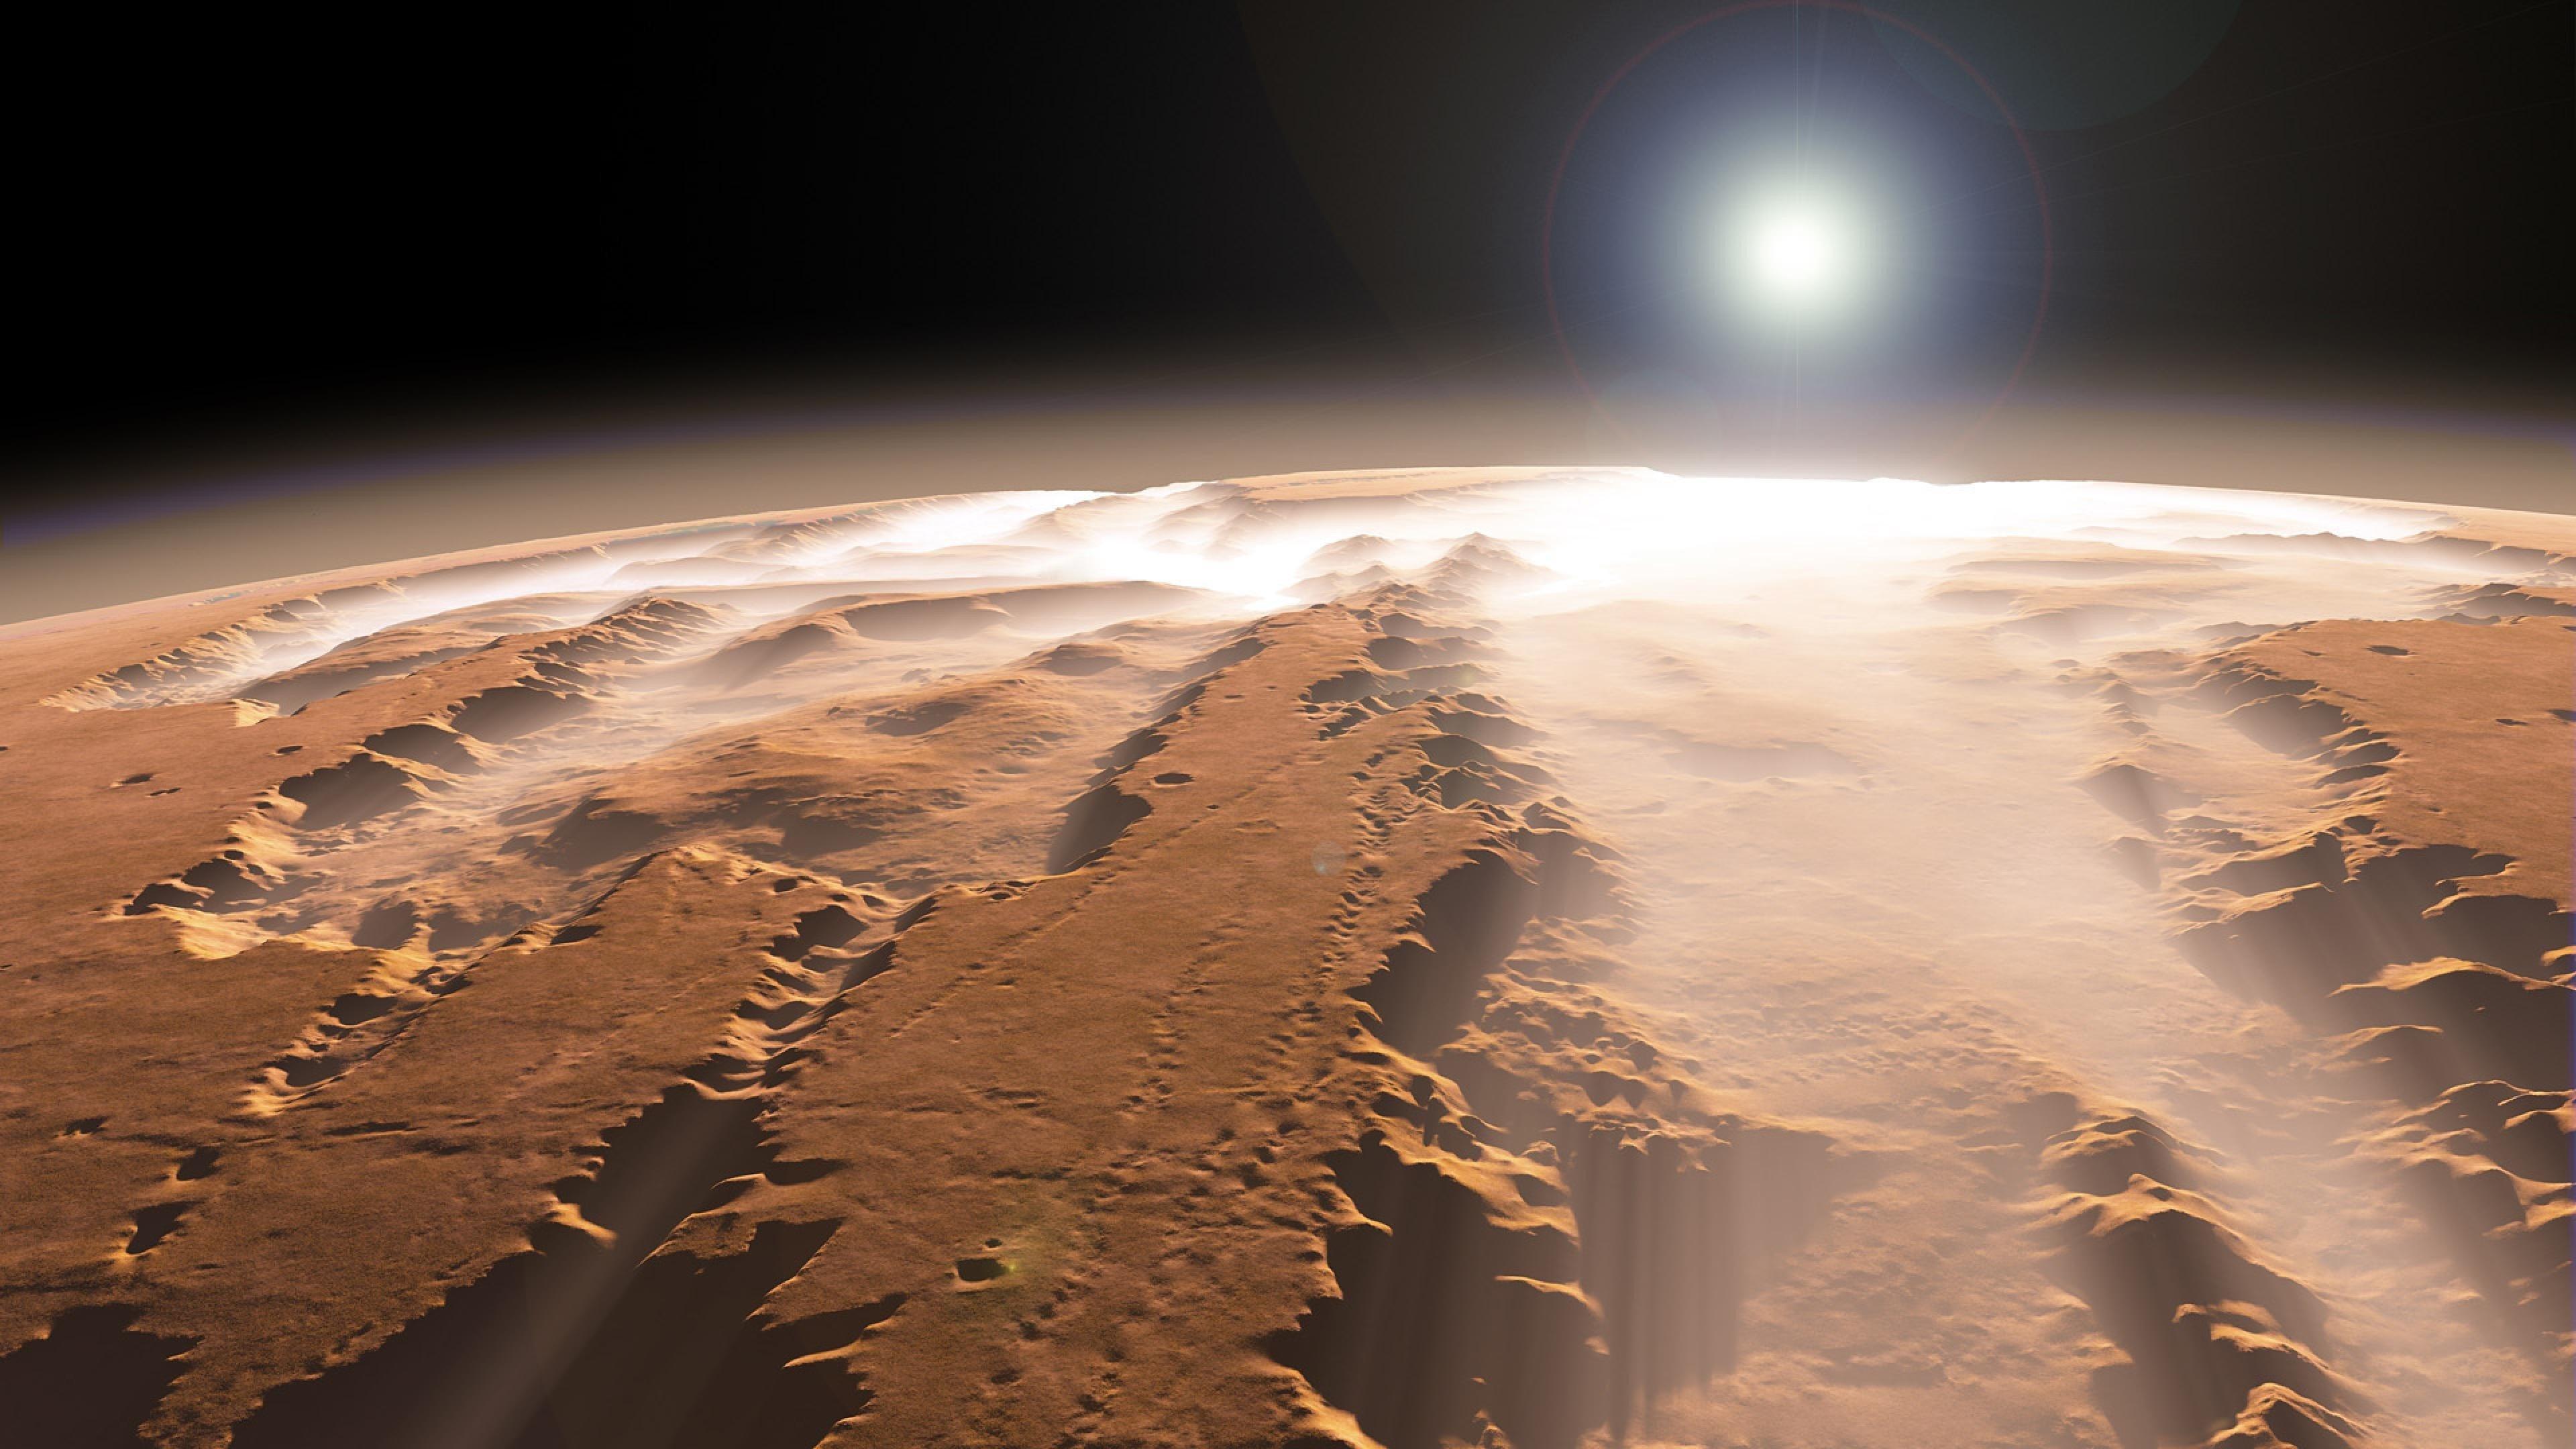 Ученые узнали, что рельеф Марса сформировал торнадо